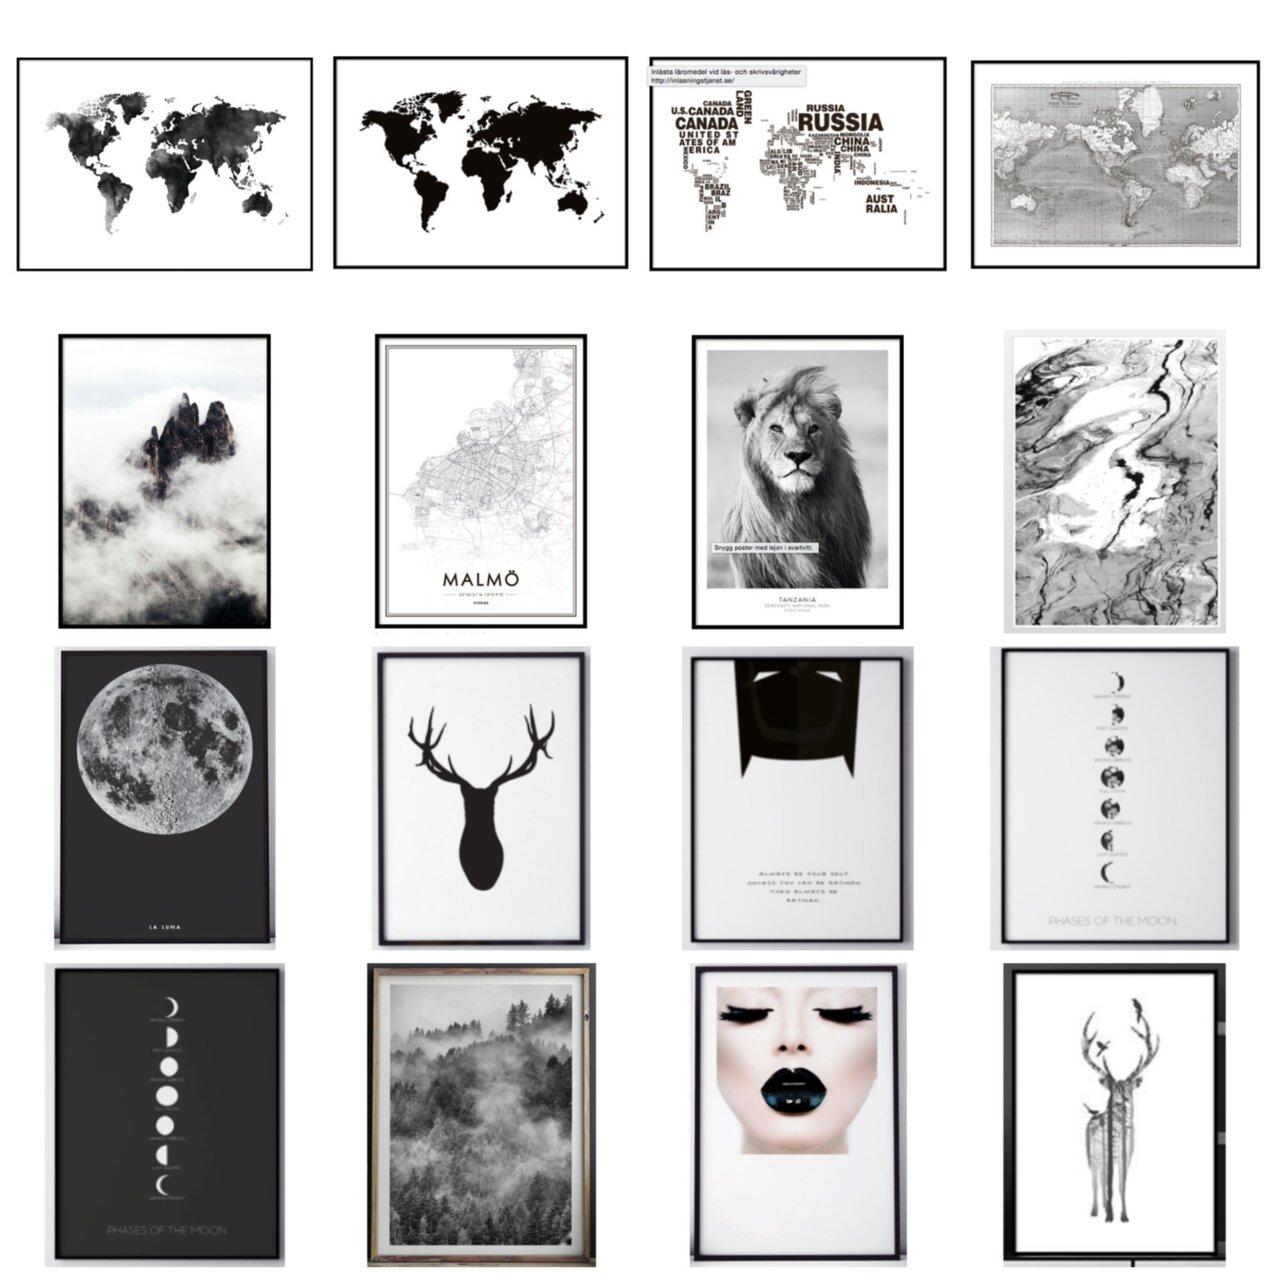 tavla med världskartan